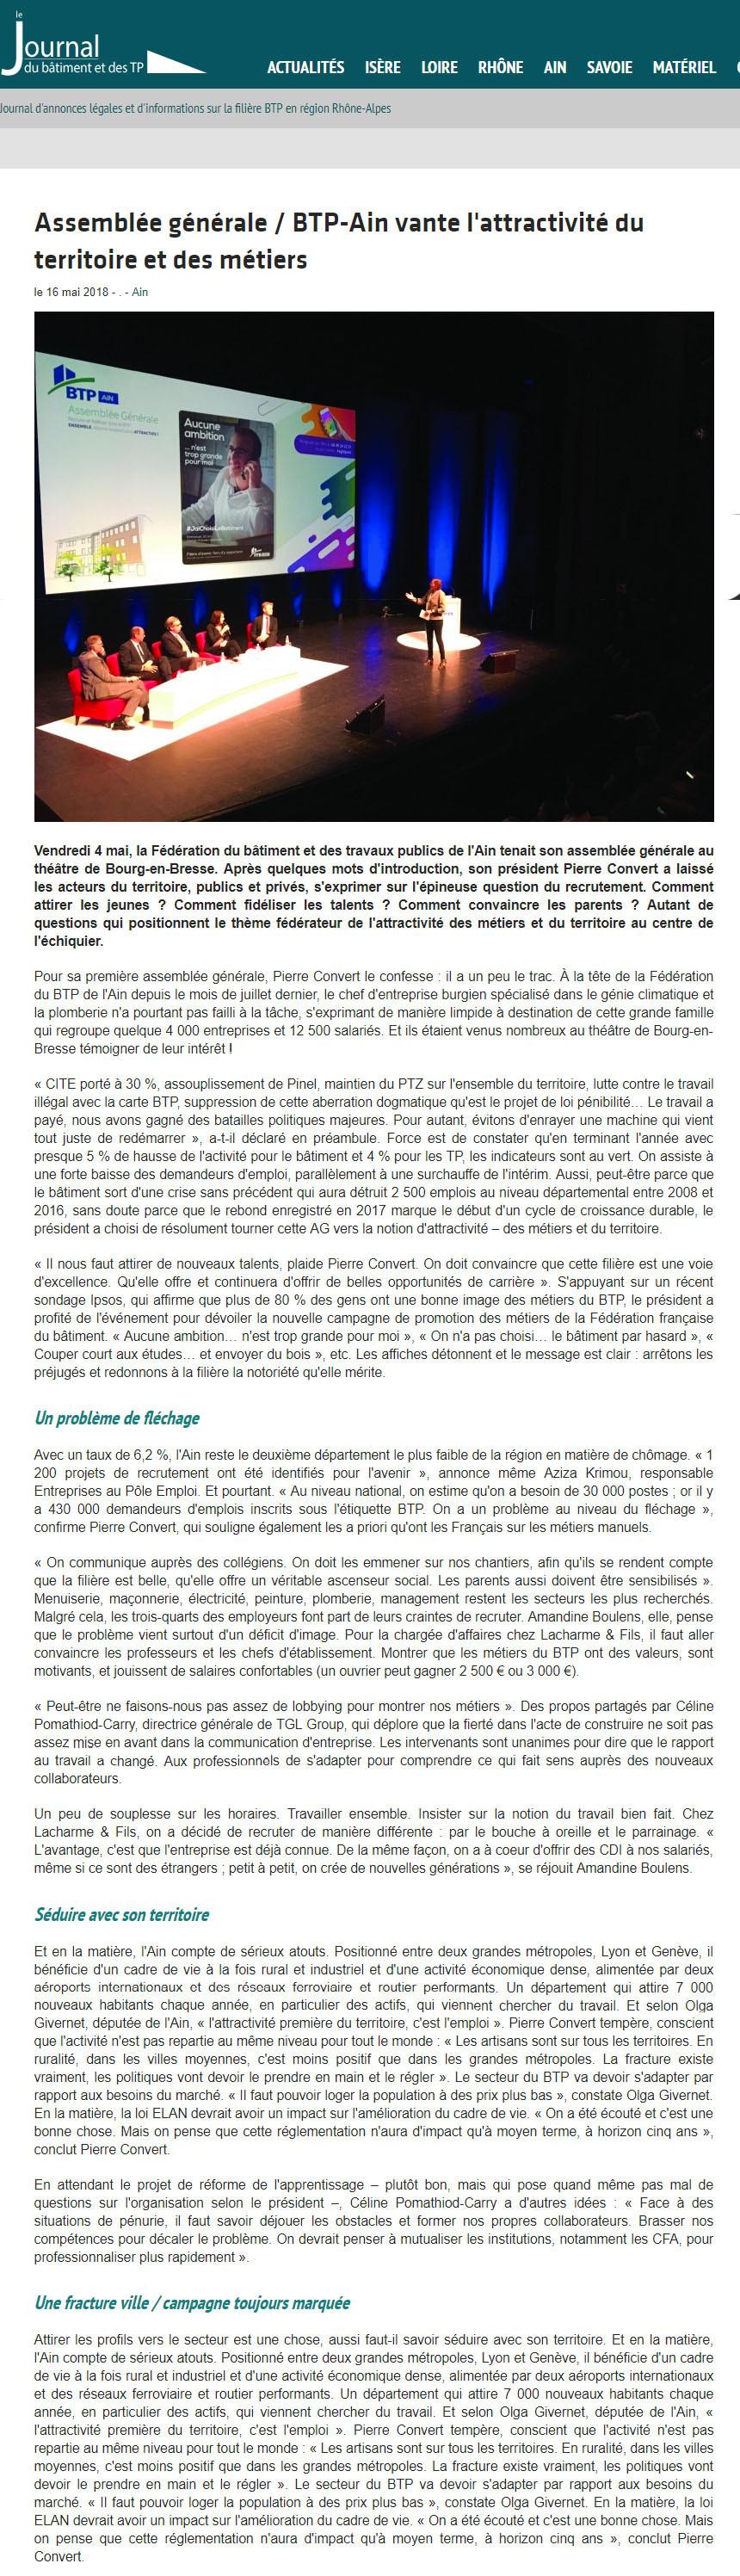 Journal du BTP - BTP-Ain vante l'attractivité du territoire